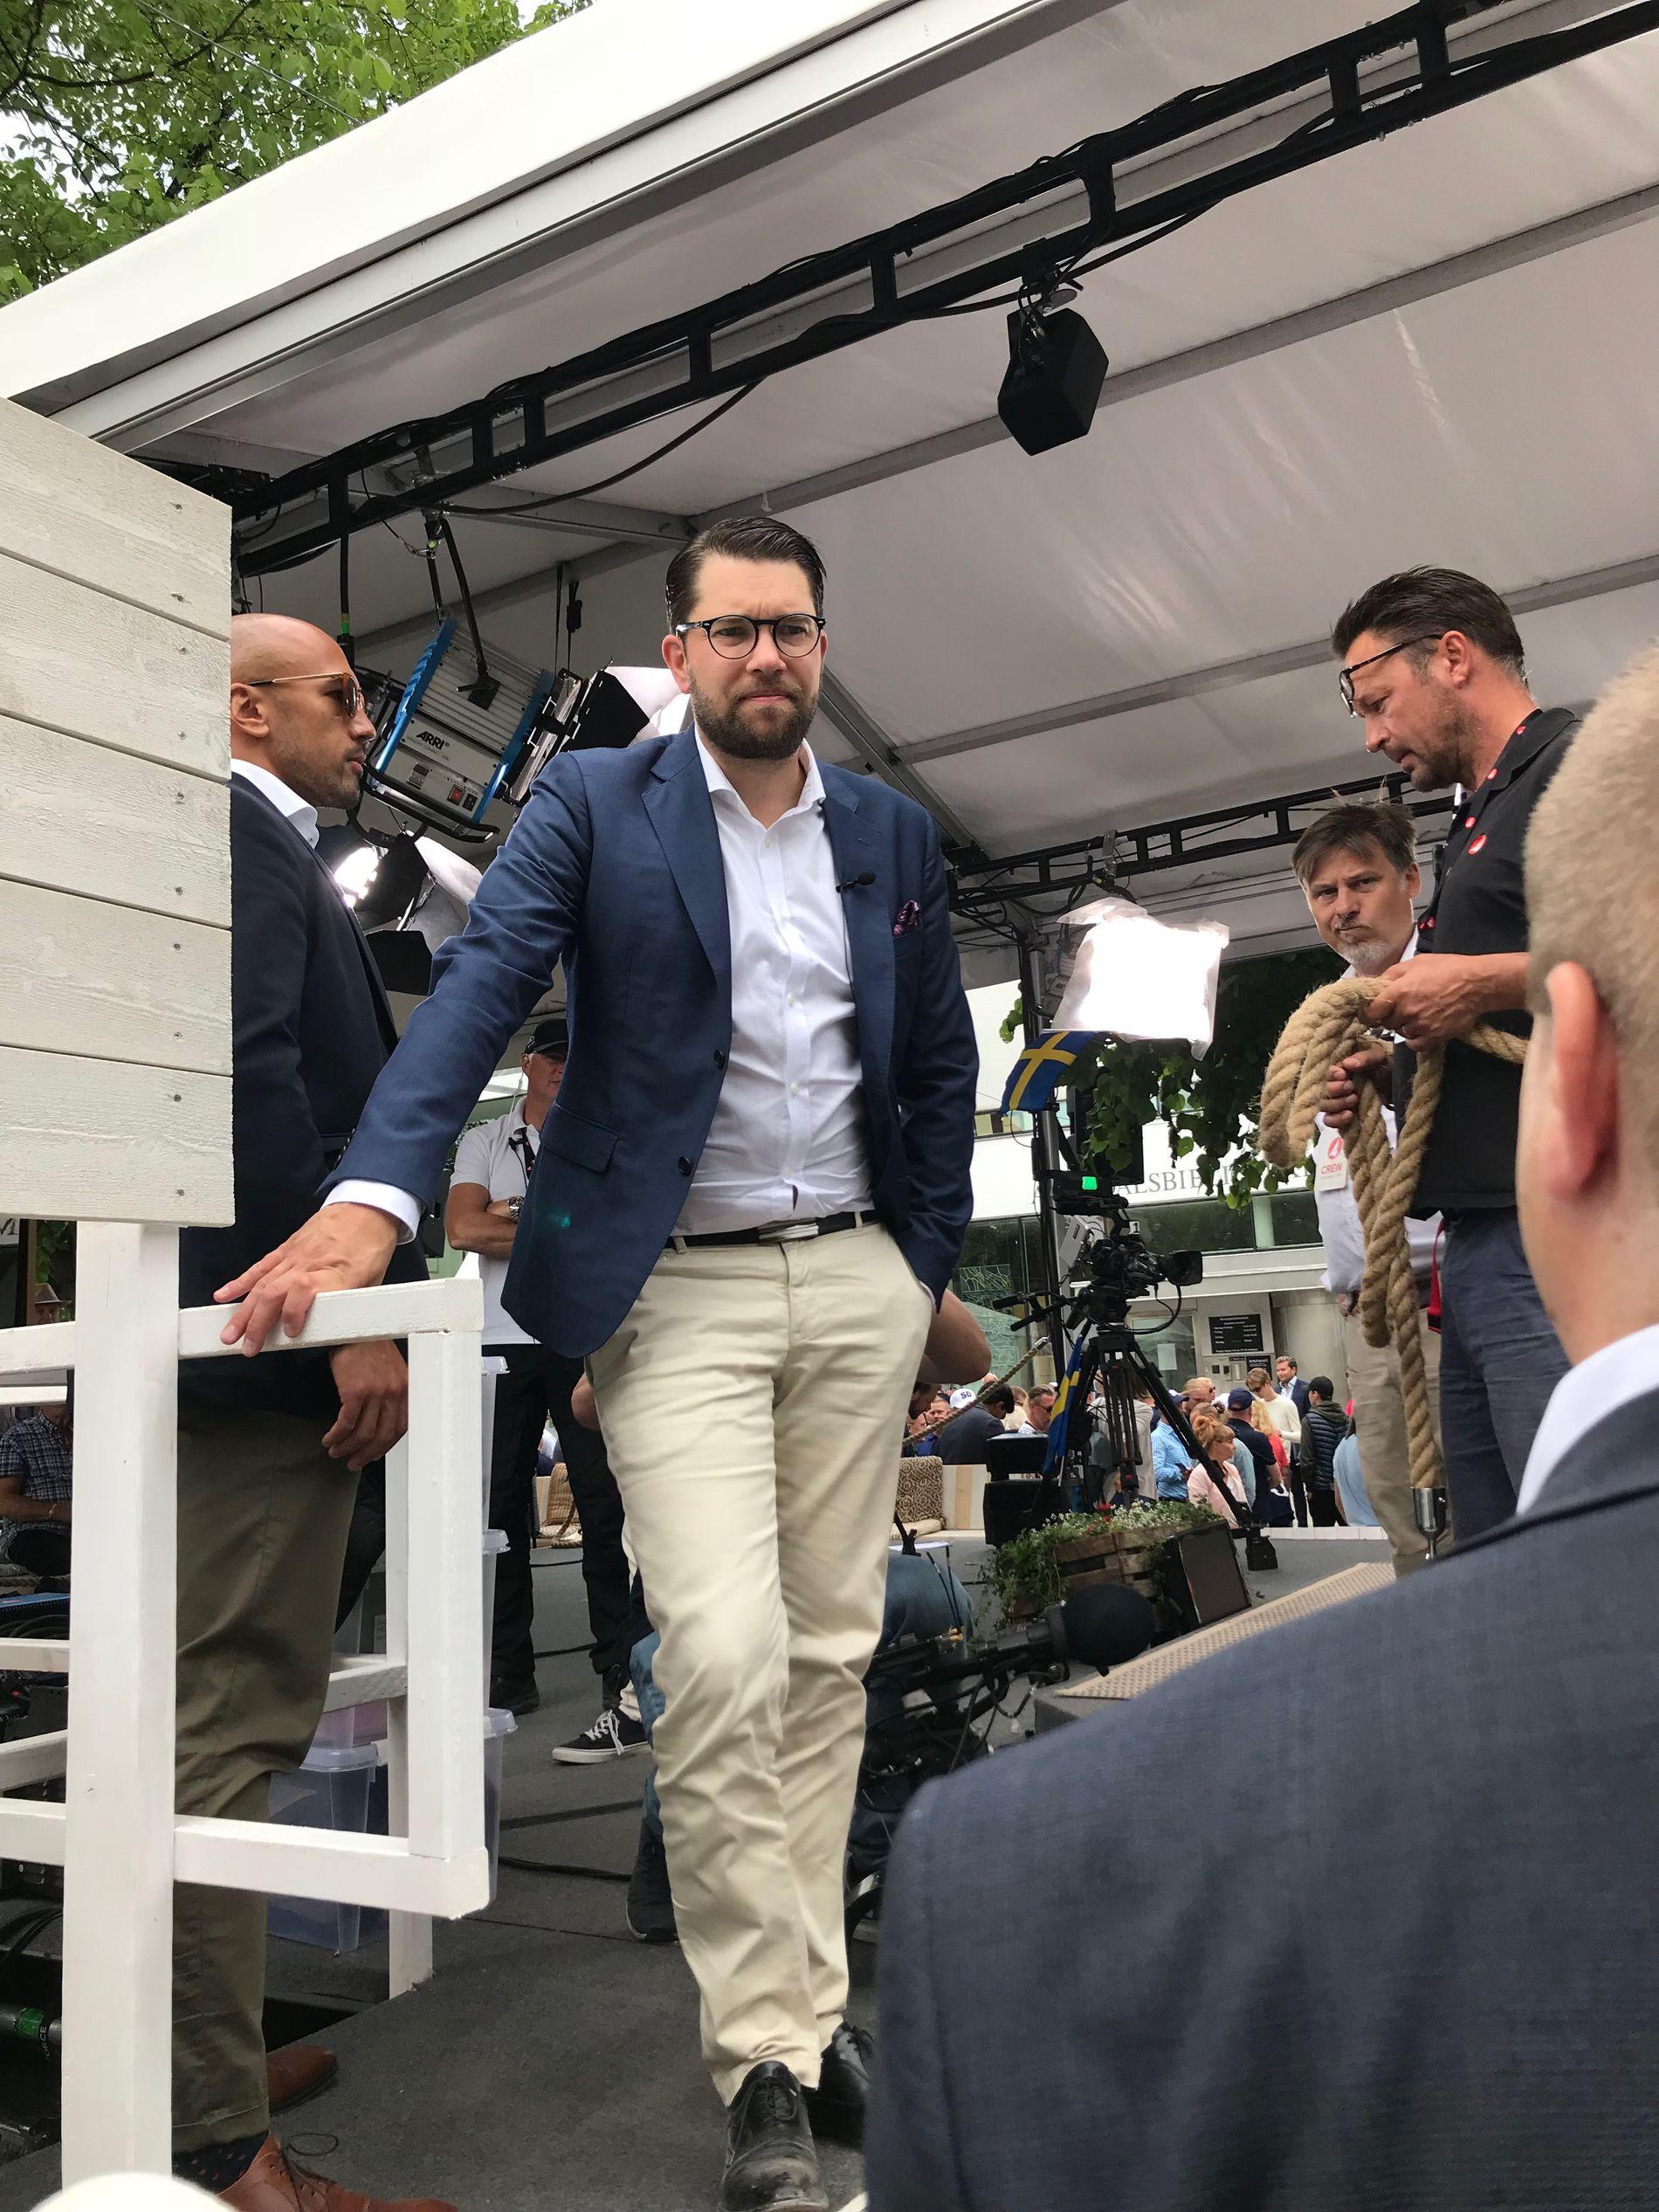 HEKTISK: Det er tidlig på formiddagen. Jimmie Åkesson, Sverige mest kontroversielle politiker har allerede vært i flere politiske utspørringer på tampen av Almedalsuken på Gotland.